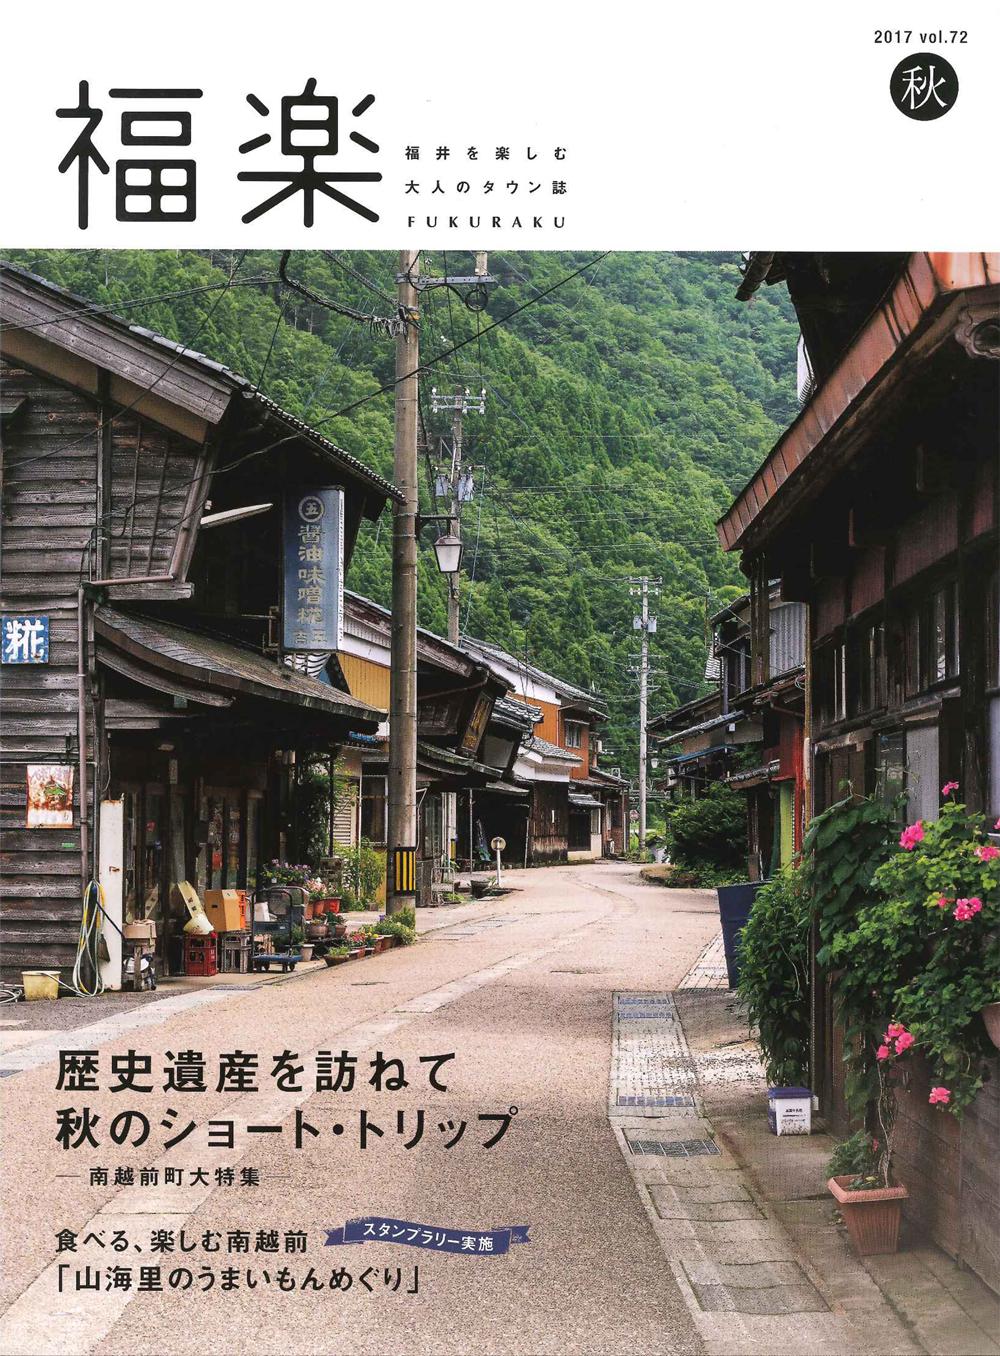 福楽<2017秋vol.72> P34~36